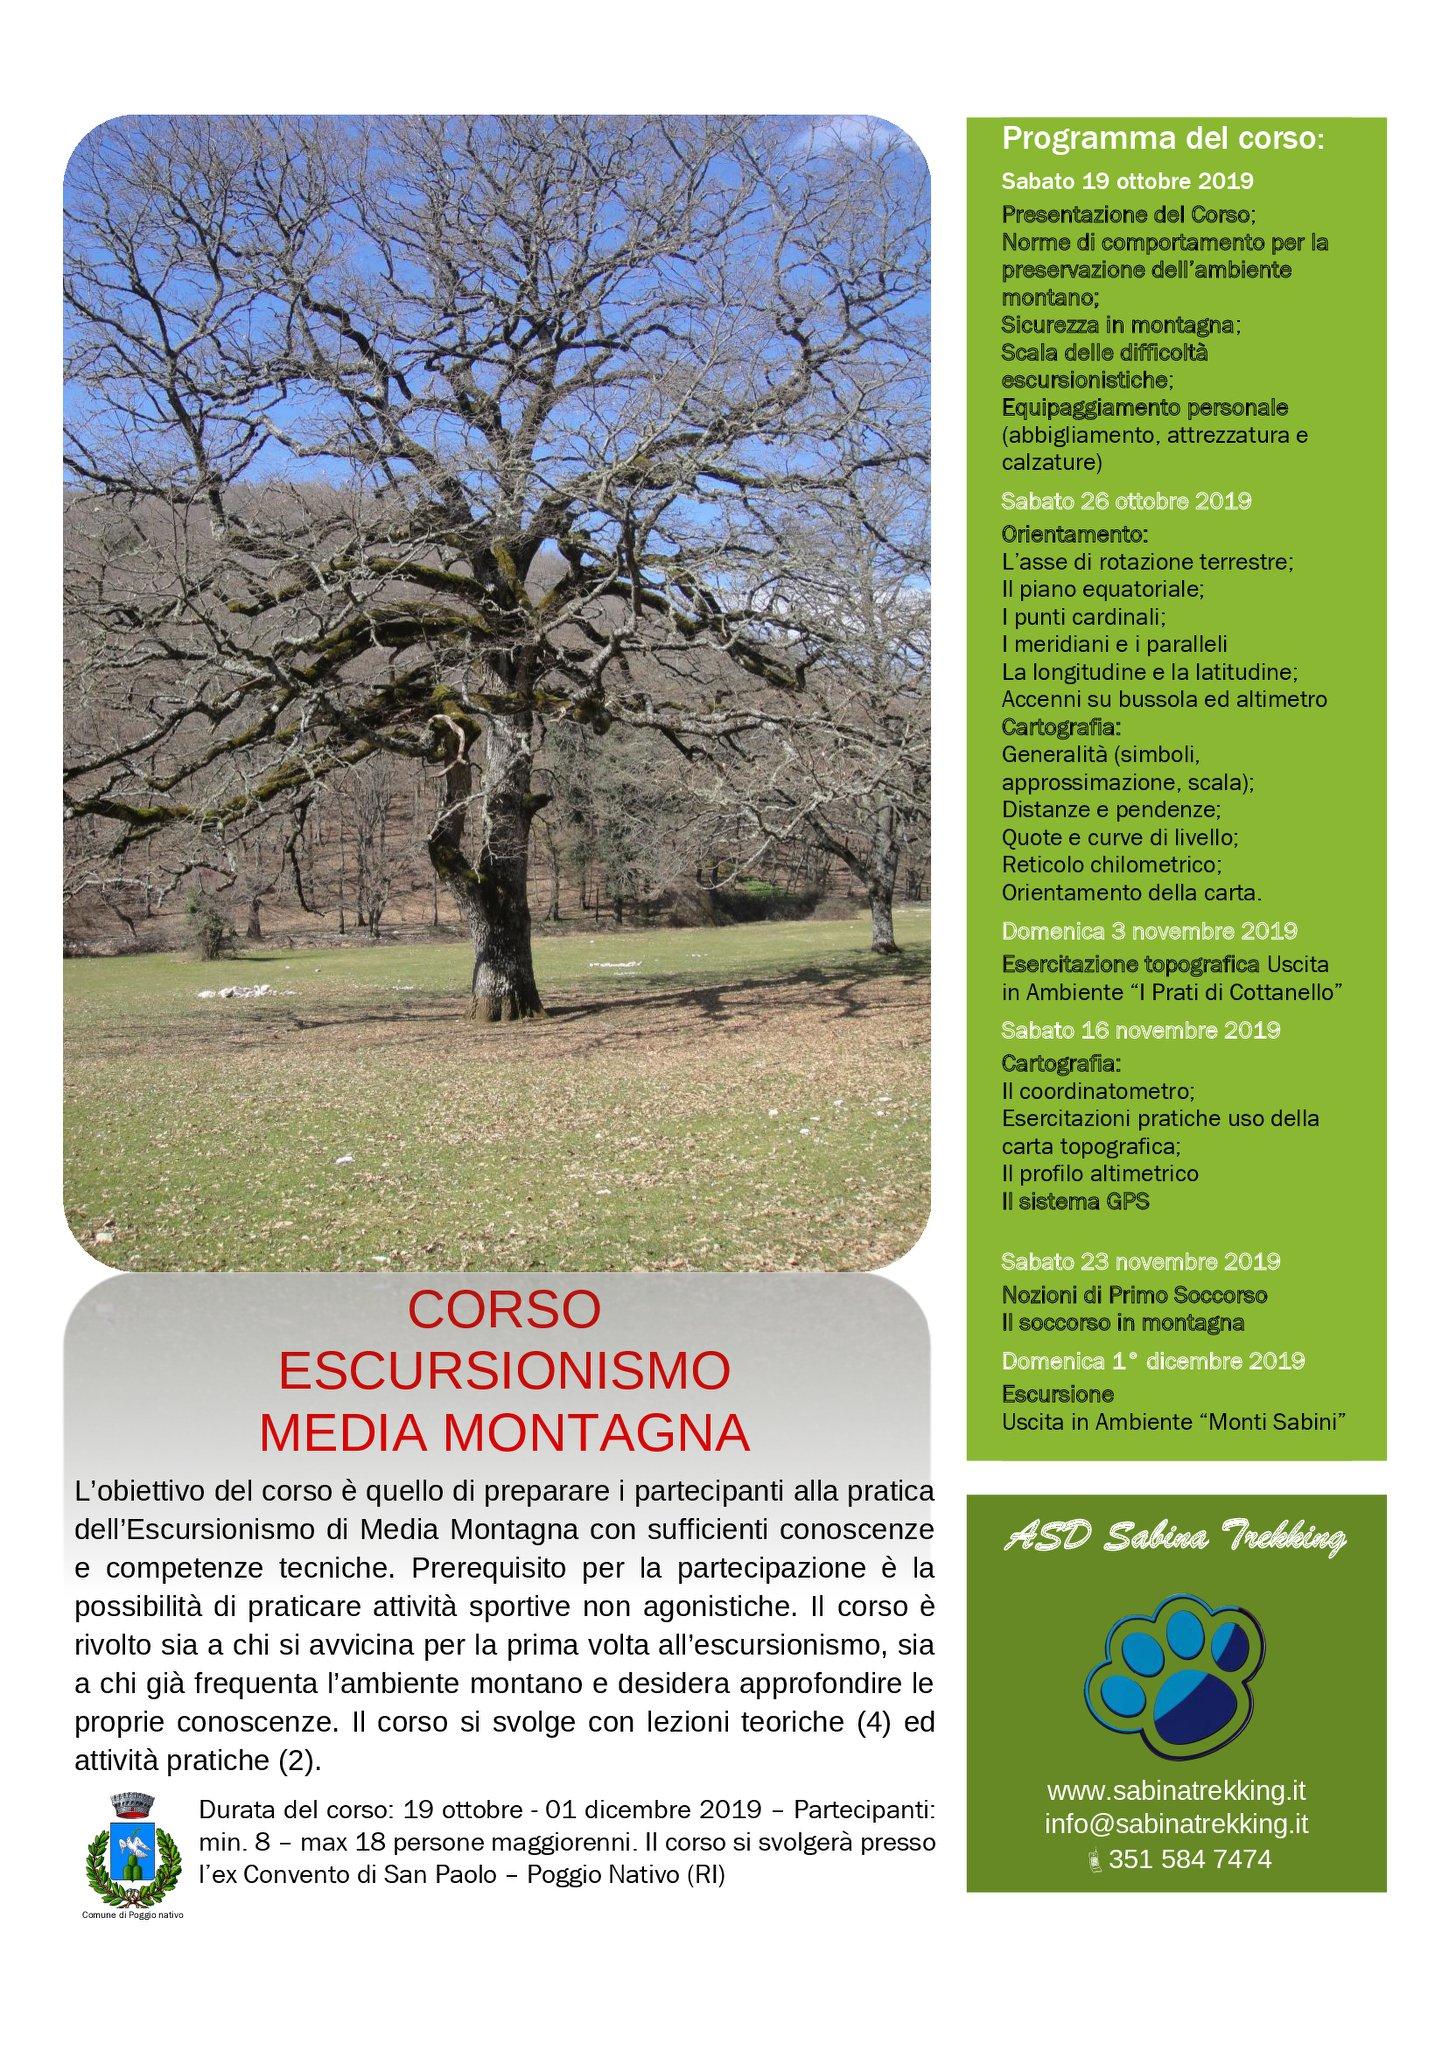 Corso escursionismo di media montagna - eventi in sabina